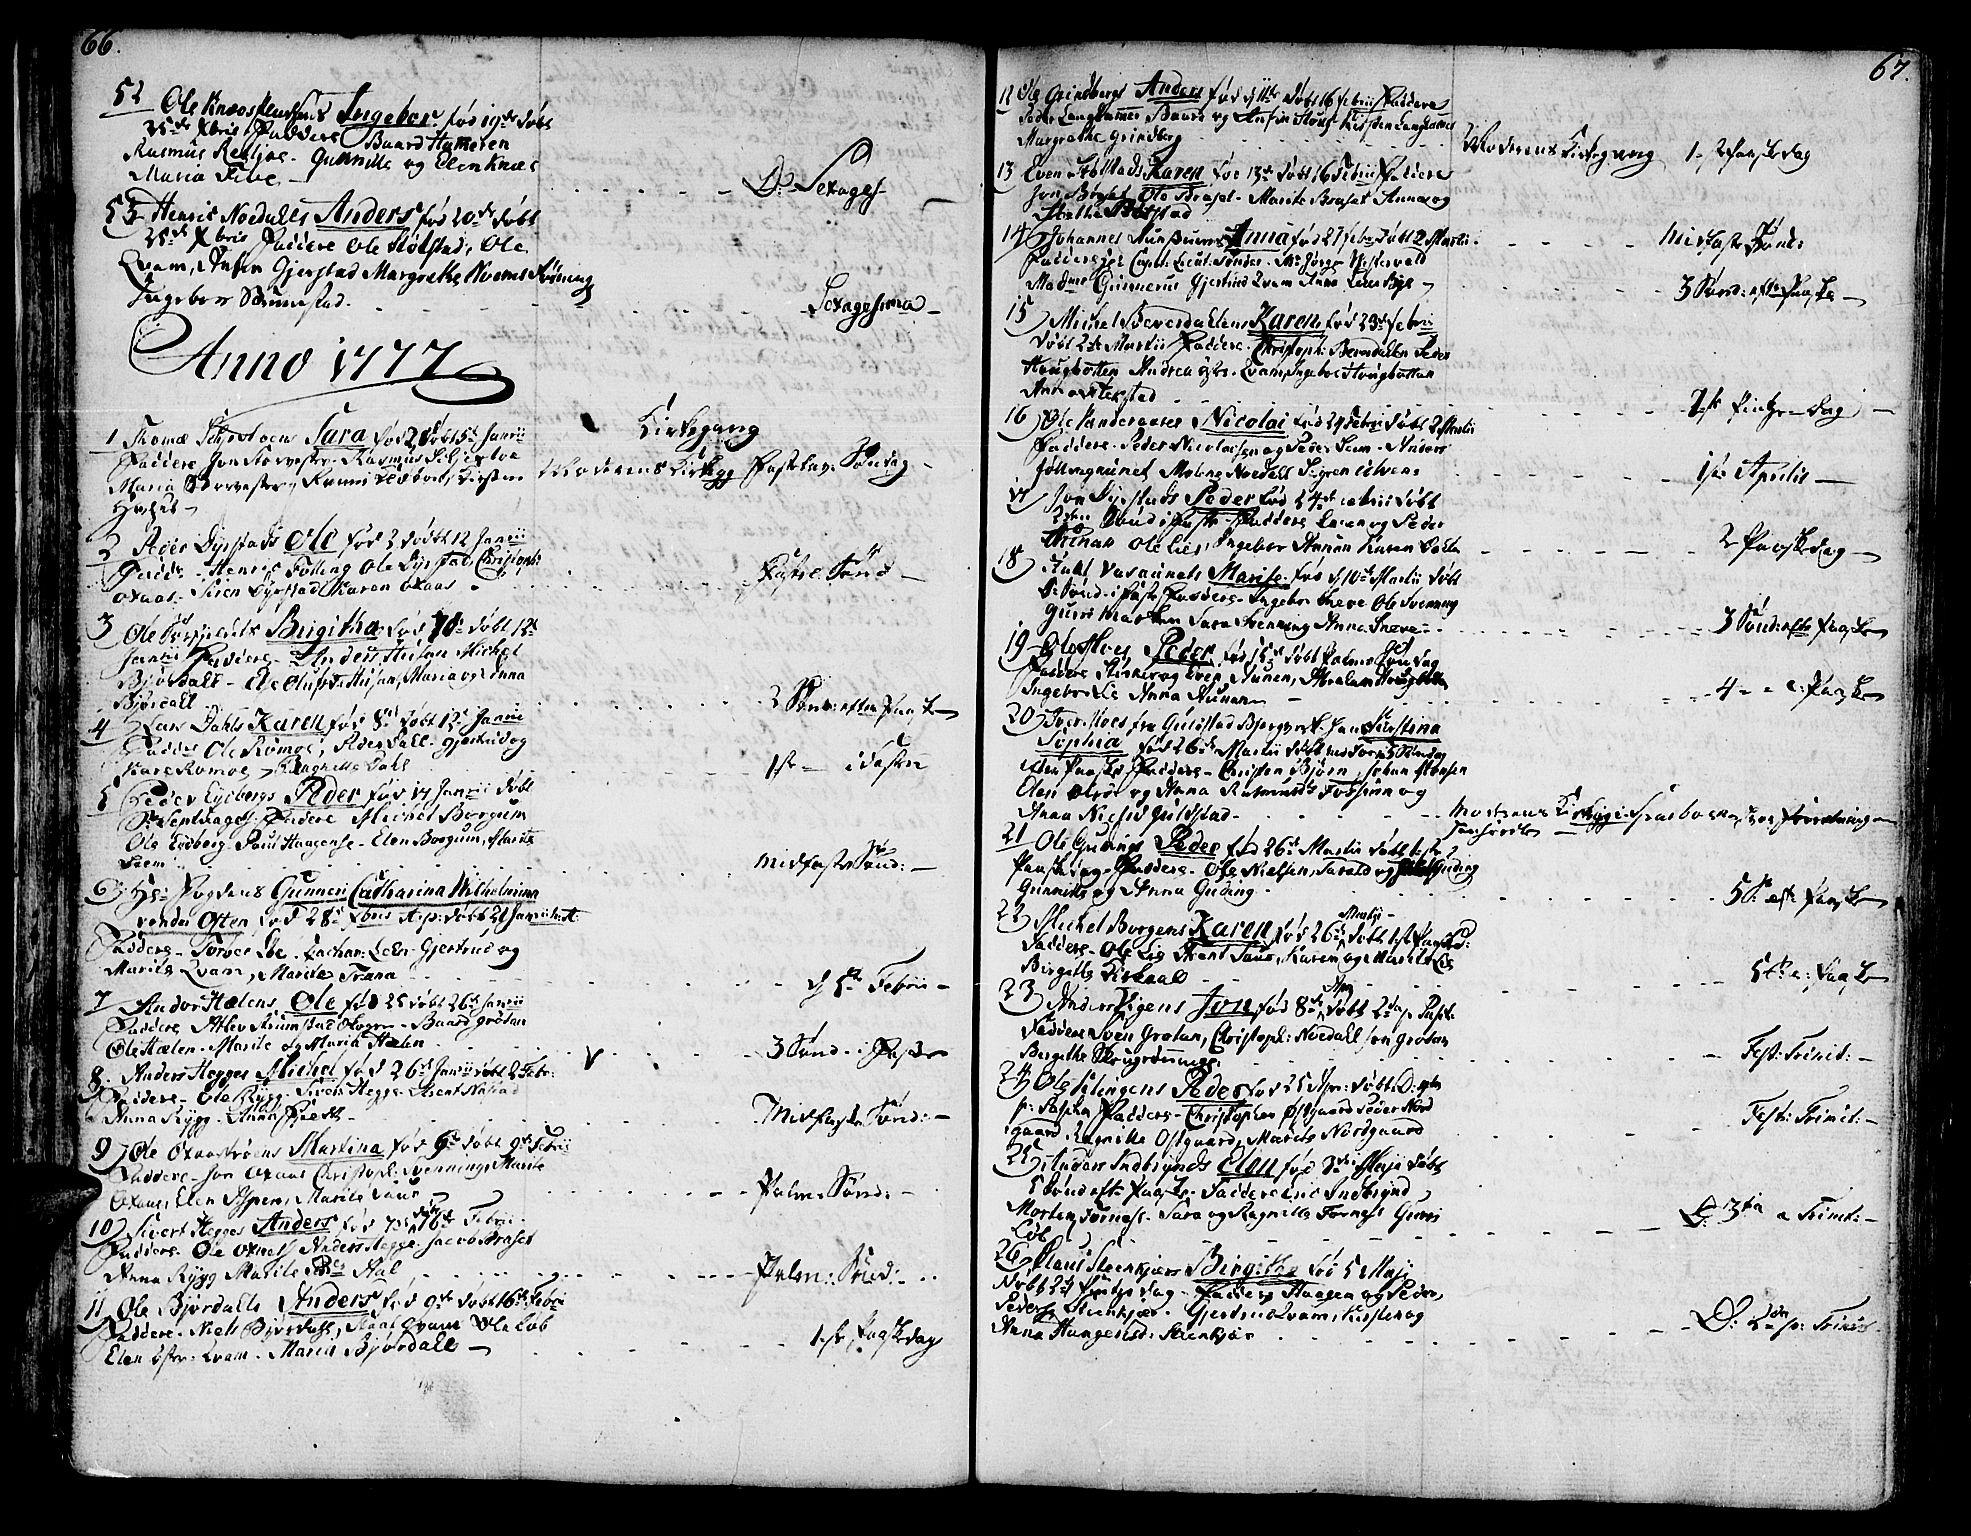 SAT, Ministerialprotokoller, klokkerbøker og fødselsregistre - Nord-Trøndelag, 746/L0440: Ministerialbok nr. 746A02, 1760-1815, s. 66-67